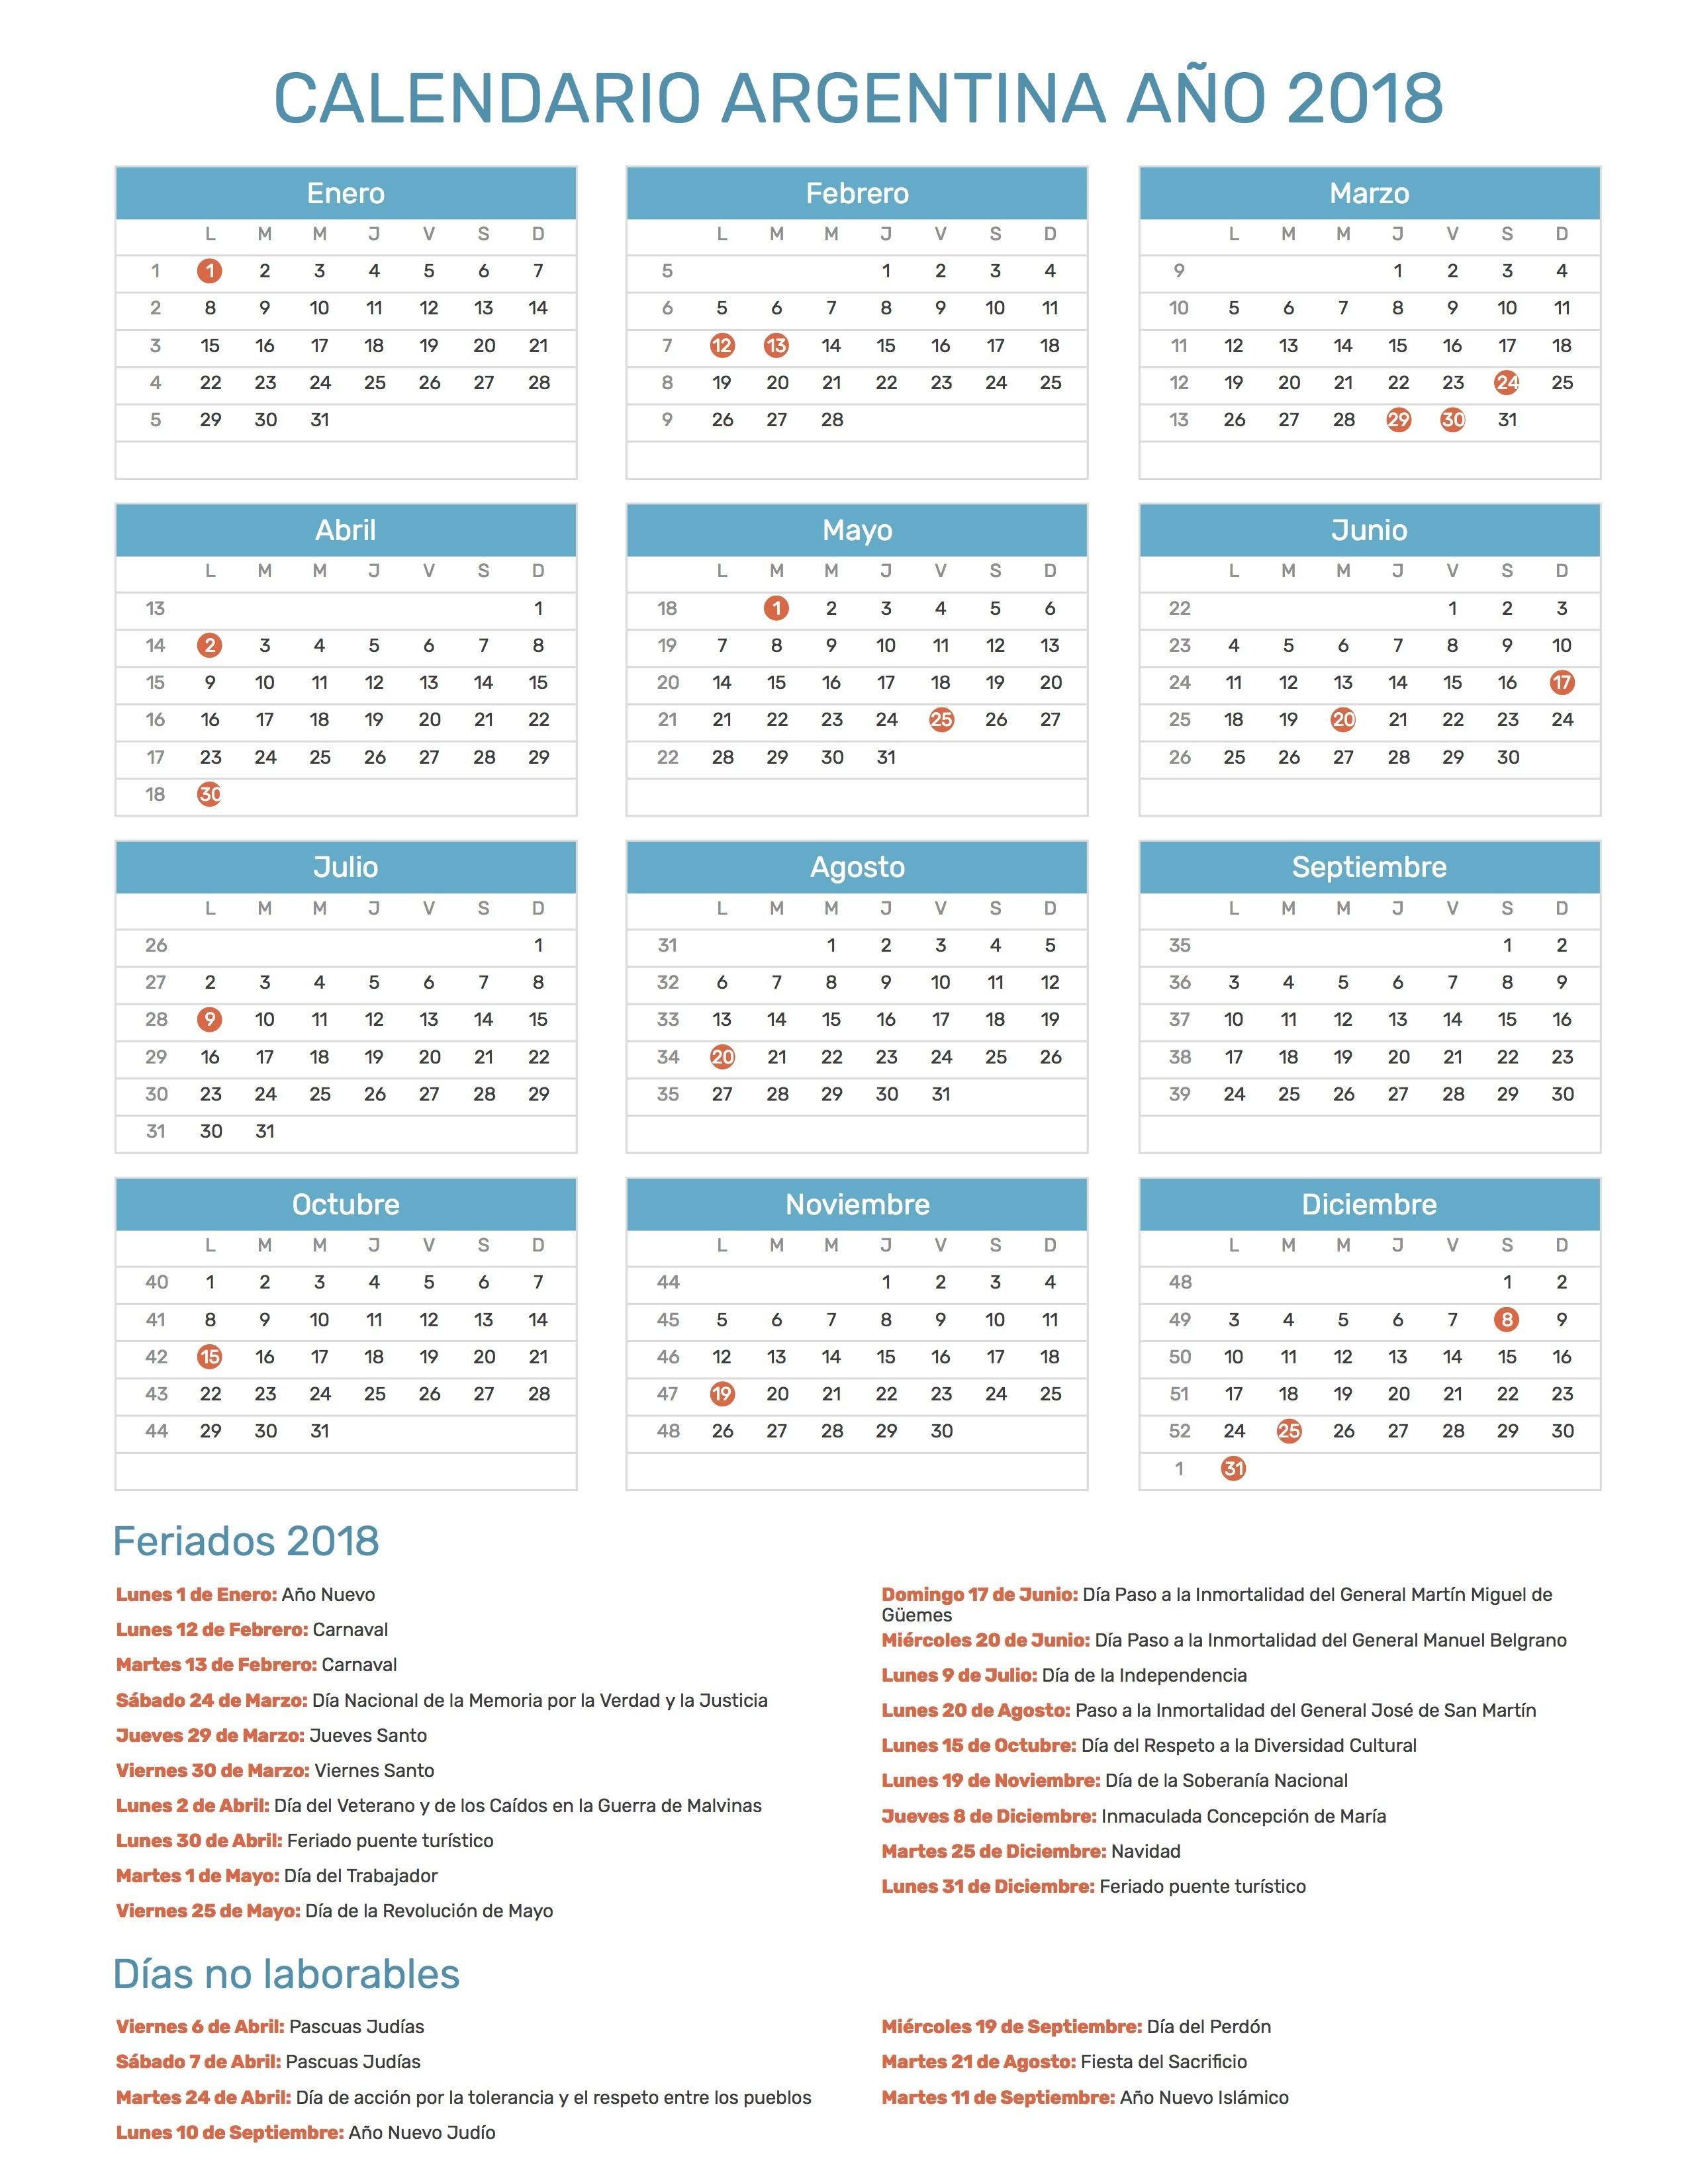 Calendario Diciembre 2017 Para Imprimir Con Festivos Mejores Y Más Novedosos Judul Calendario 2018 originarios Argentina It Not Proxy but It Of Calendario Diciembre 2017 Para Imprimir Con Festivos Más Actual Mejores 41 Imágenes De Tarjetas En Pinterest